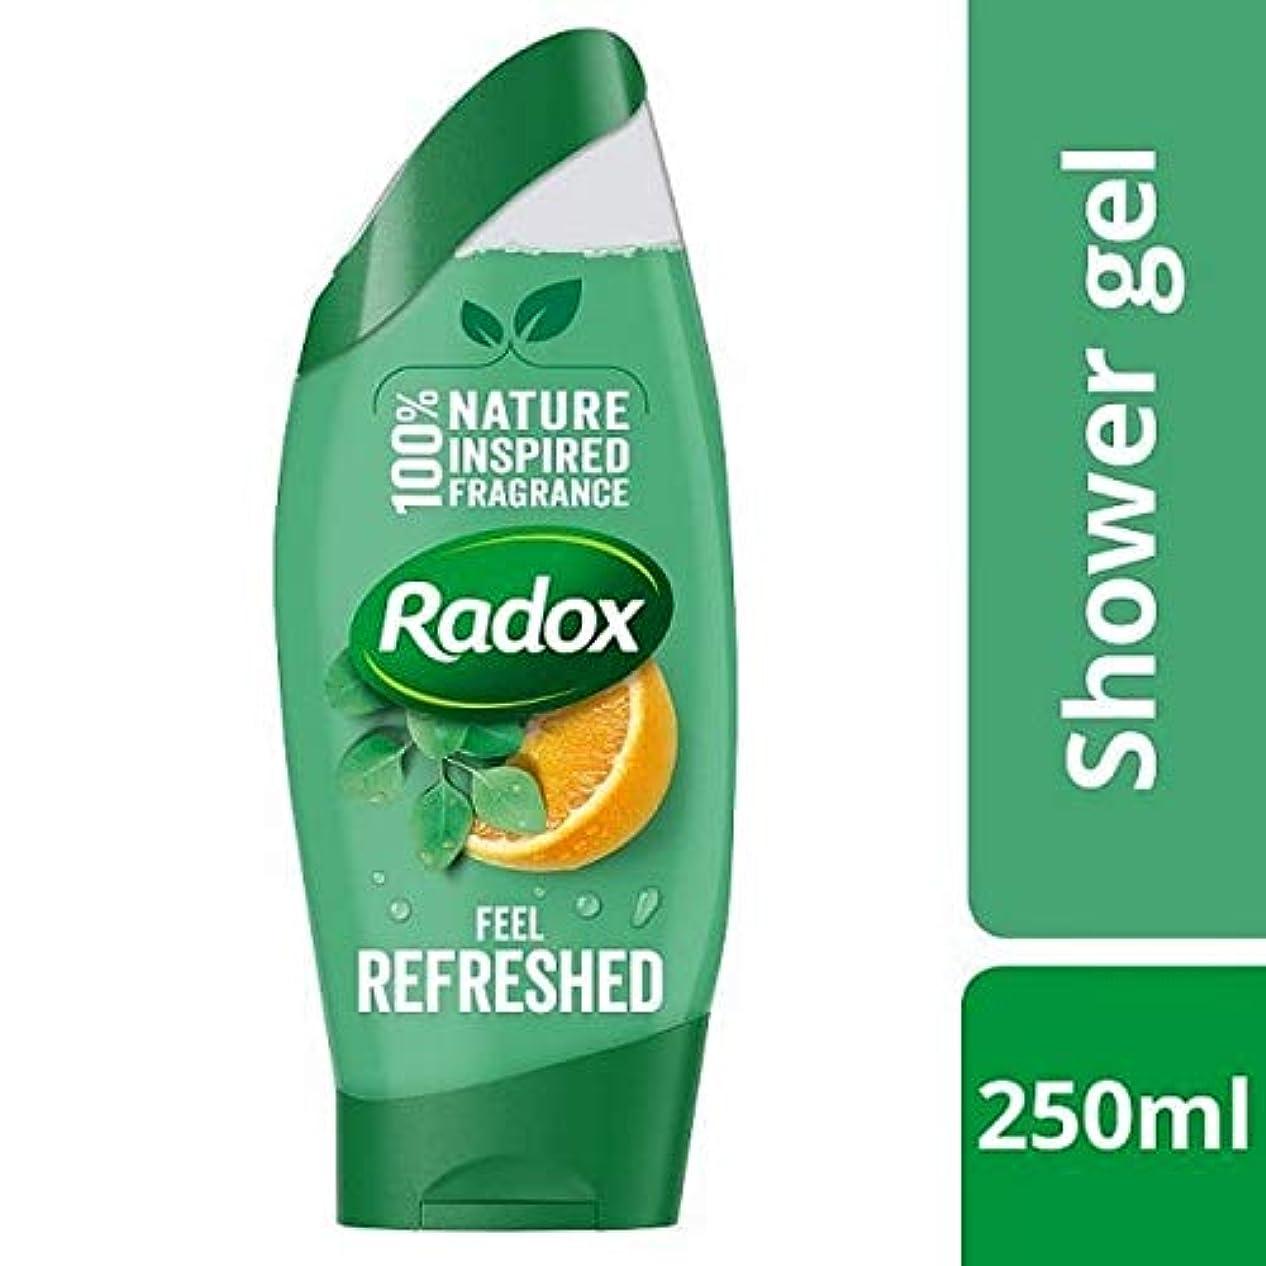 小包価値のない研究所[Radox] Radoxが更新ユーカリ&シトラスシャワージェル250ミリリットルを感じます - Radox Feel Refreshed Eucalyptus & Citrus Shower Gel 250ml [並行輸入品]